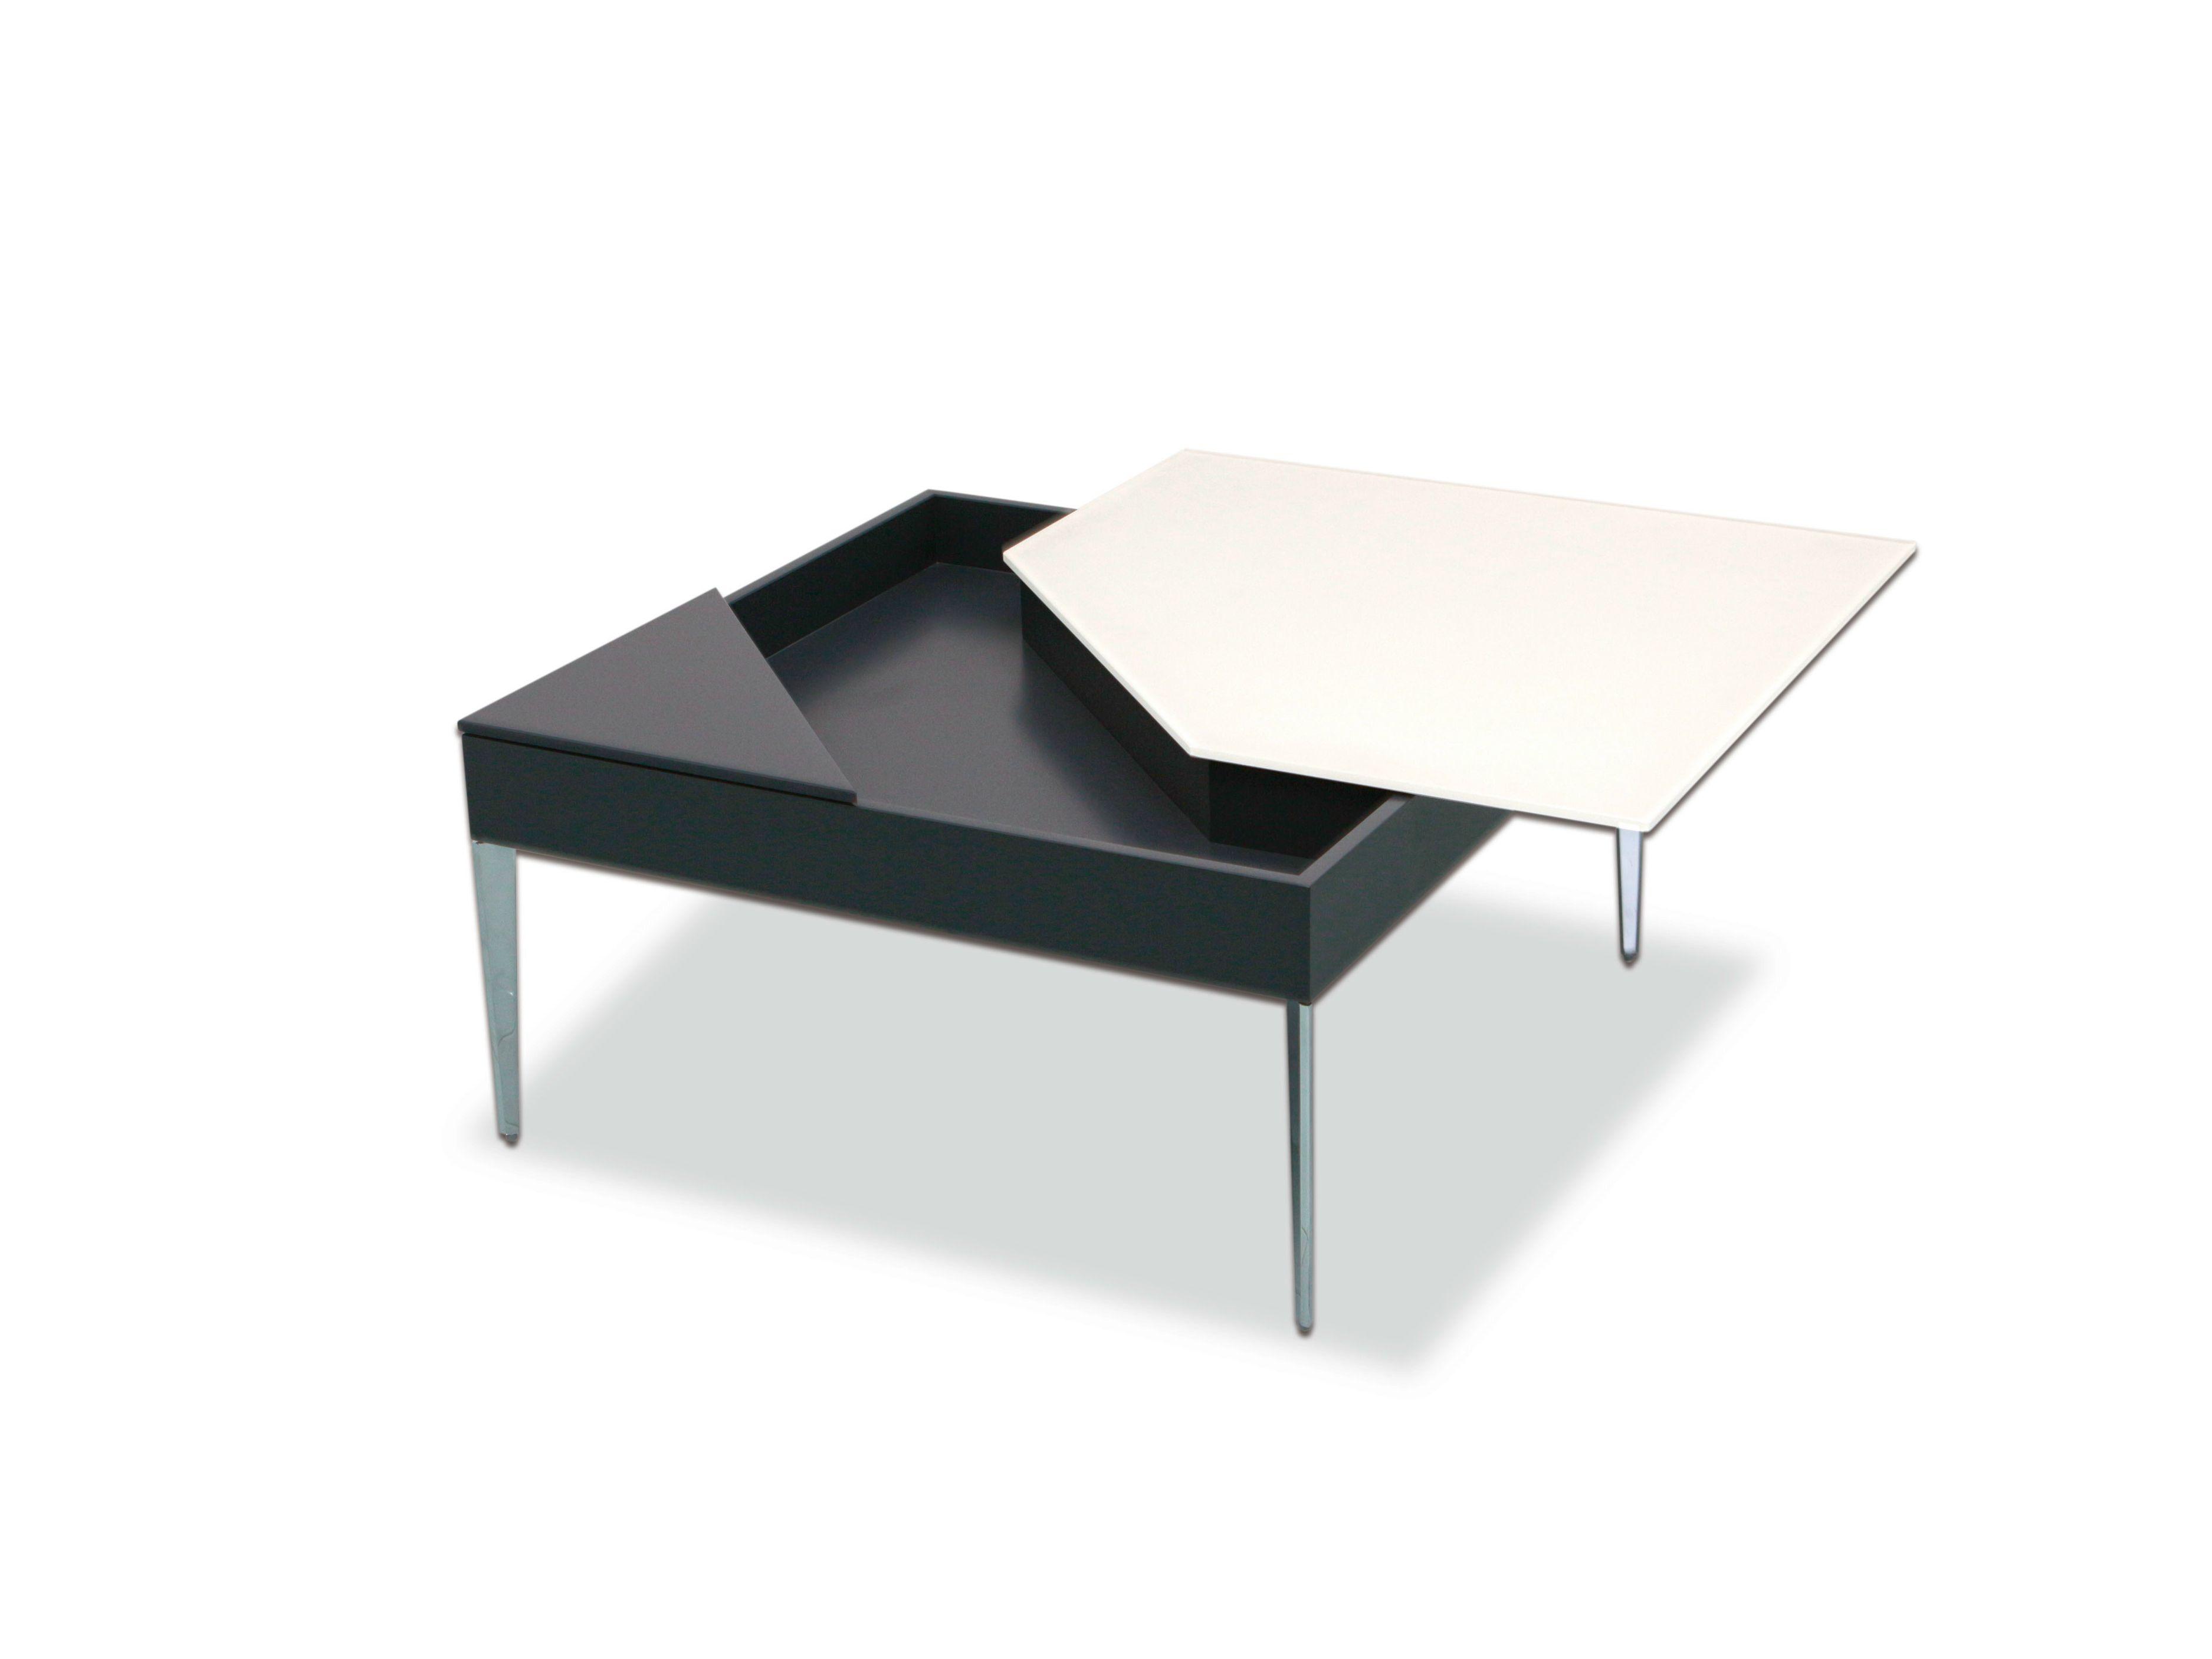 Tavolino design con portariviste da salotto MIRA by Ronald Schmitt